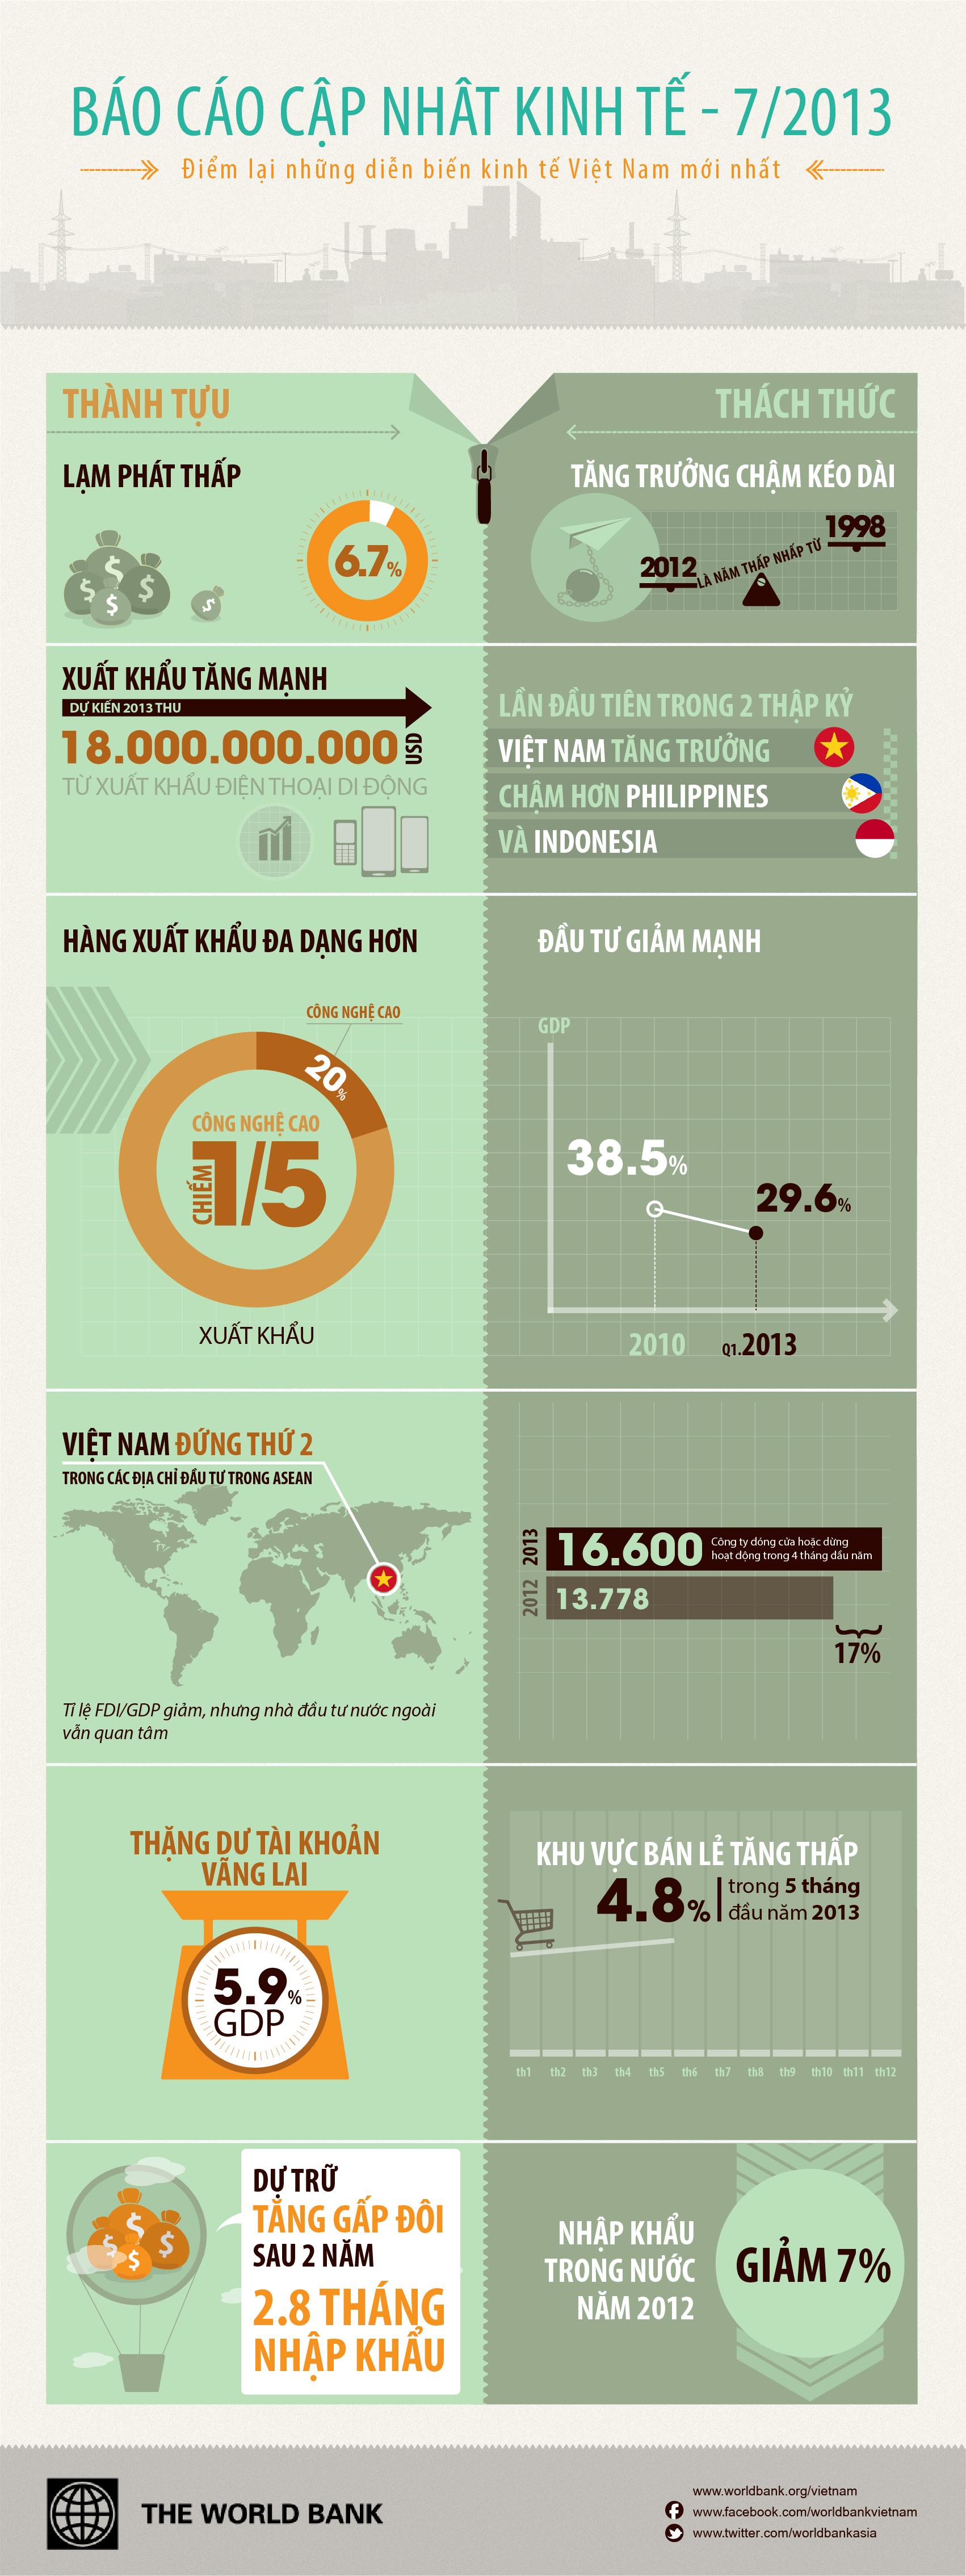 [Infographic] Kinh tế Việt Nam dưới 'con mắt' của World Bank (1)